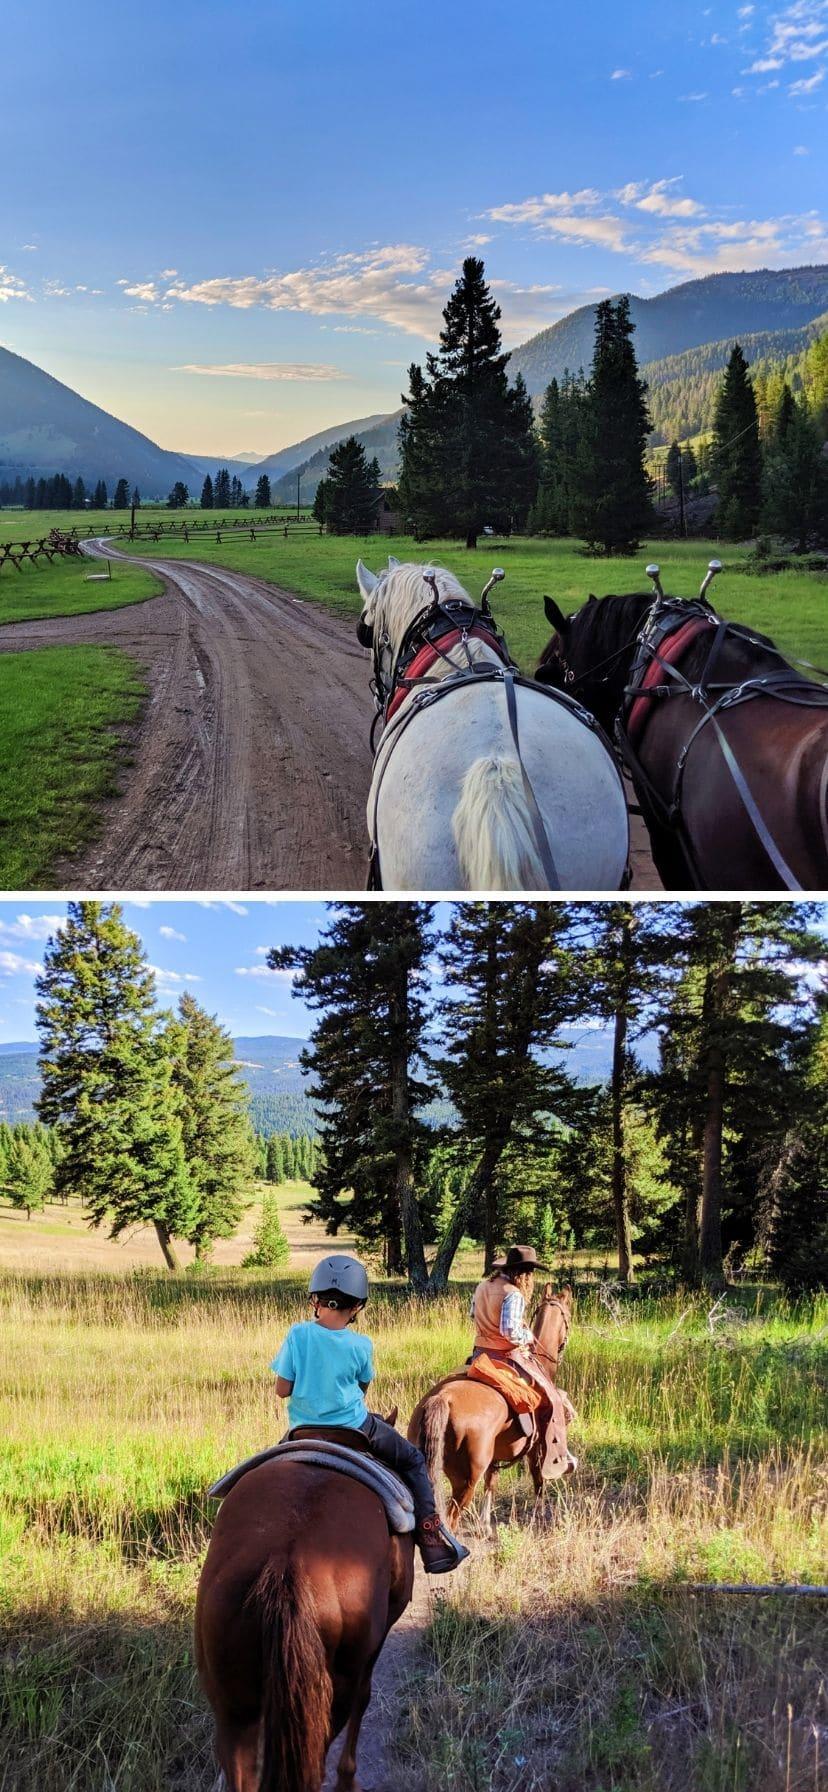 Horseback Riding and Hay Ride at Big Sky Montana